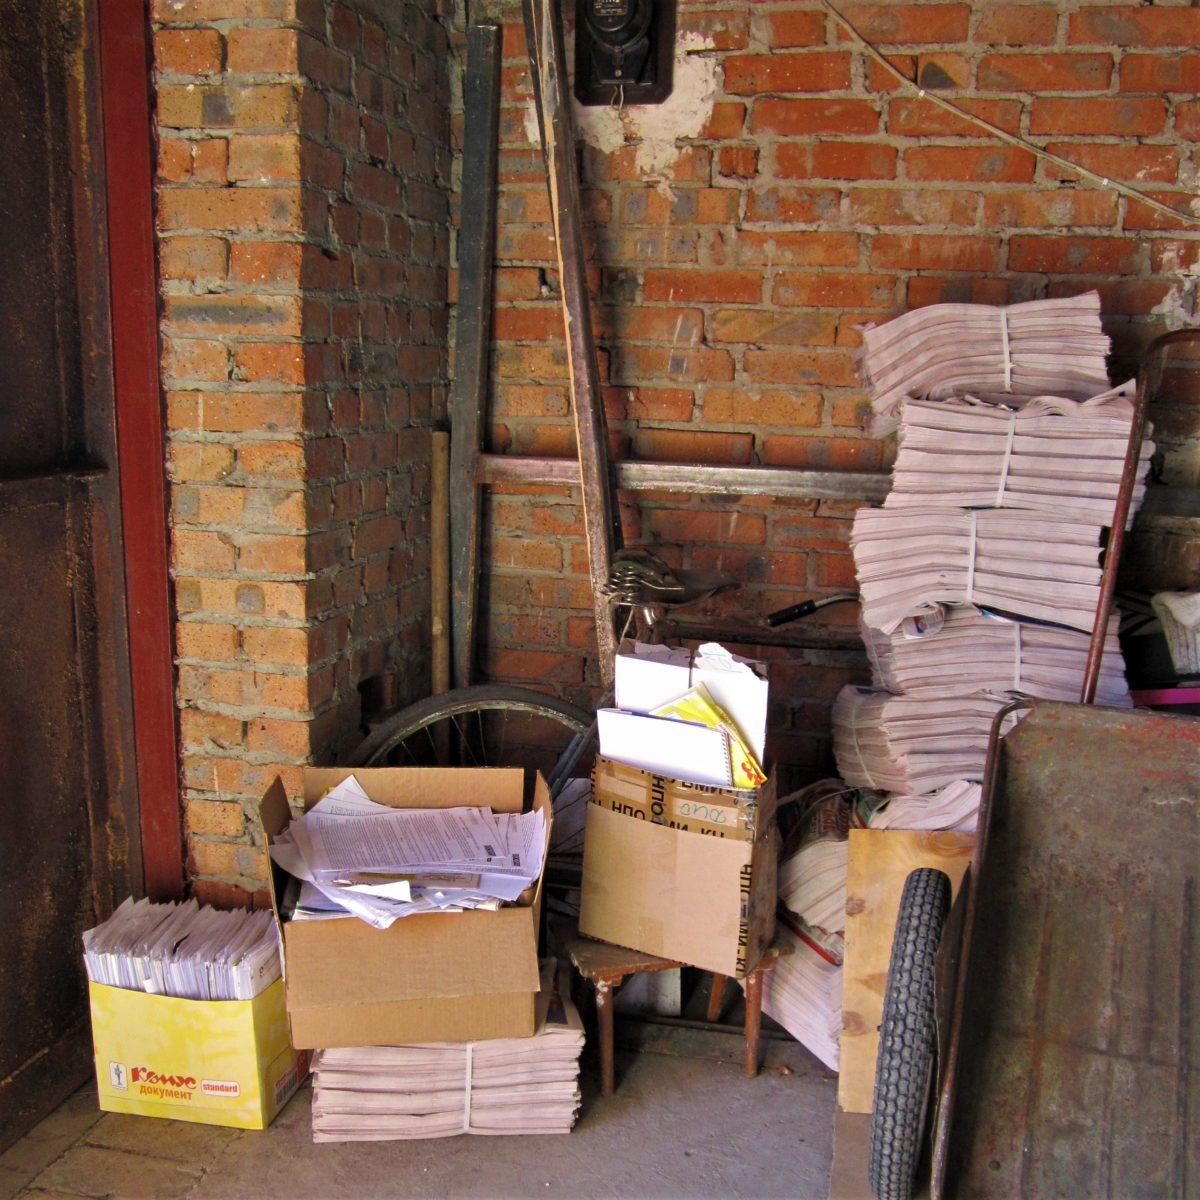 """Вредные советы в картинках: """"Можете хранить найденные документы вот так. Например, в гараже, чтобы дома место не занимали. Разве может с ними там что-то случиться?"""